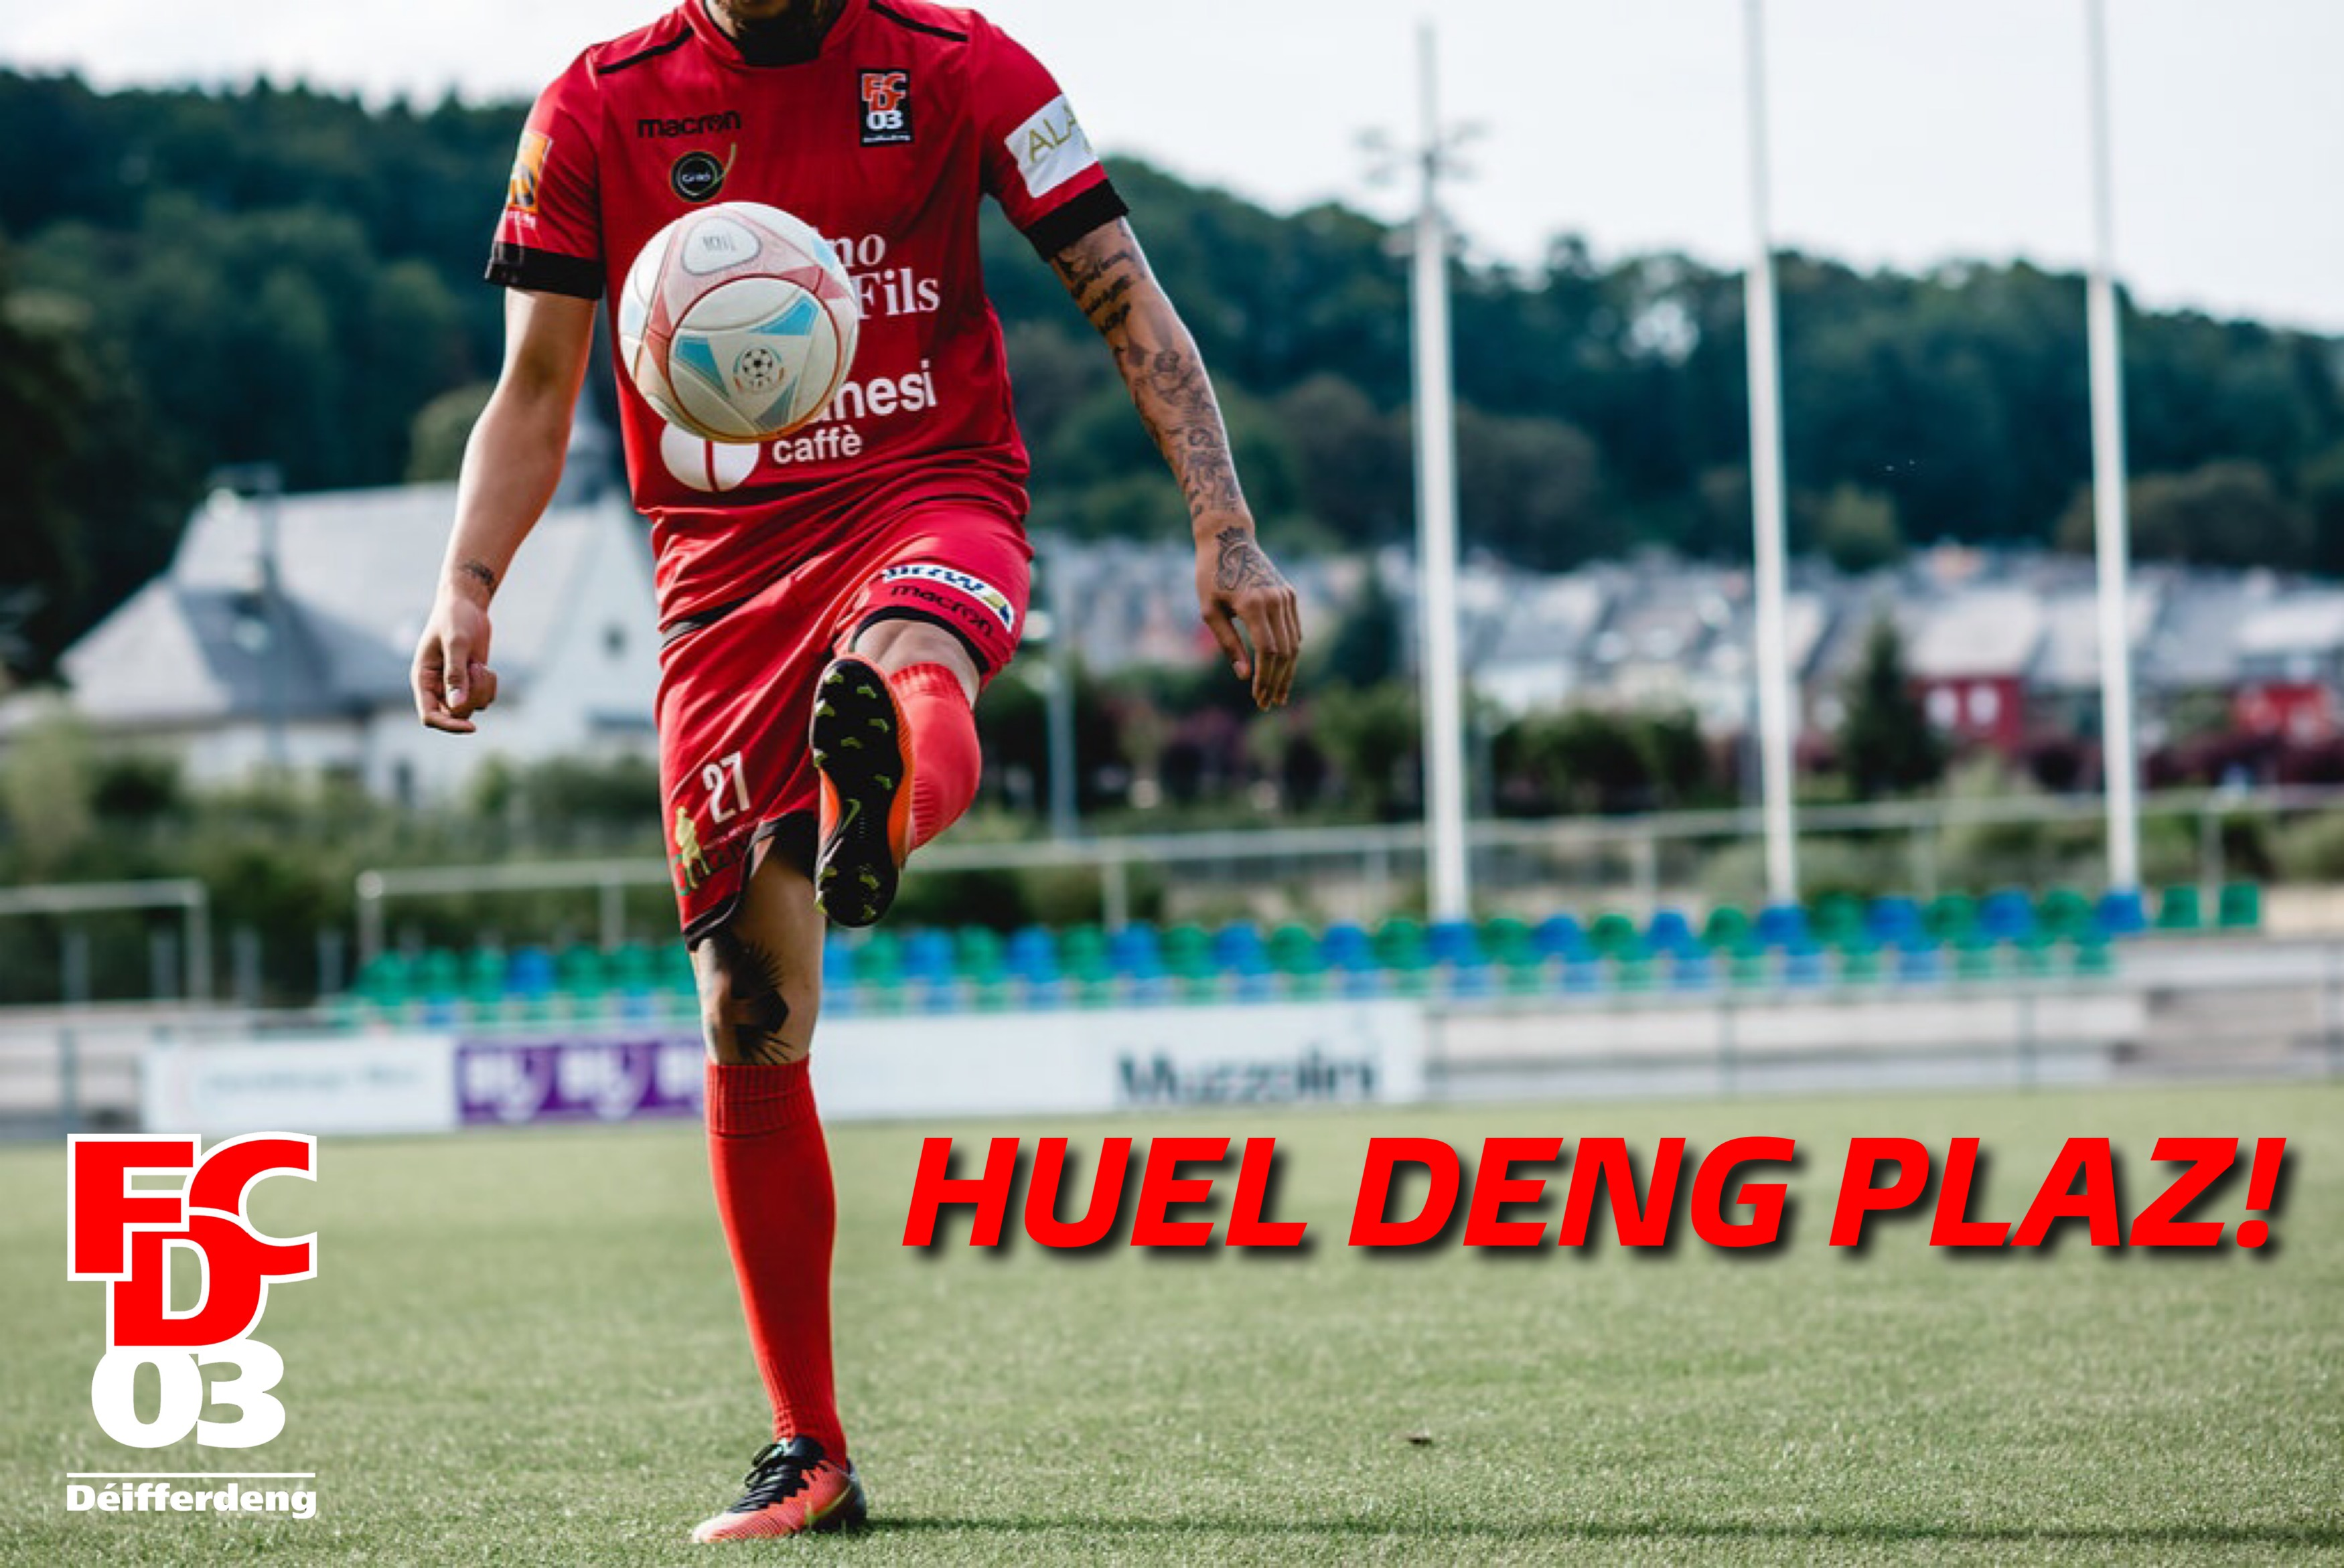 HUEL DENG PLAZ